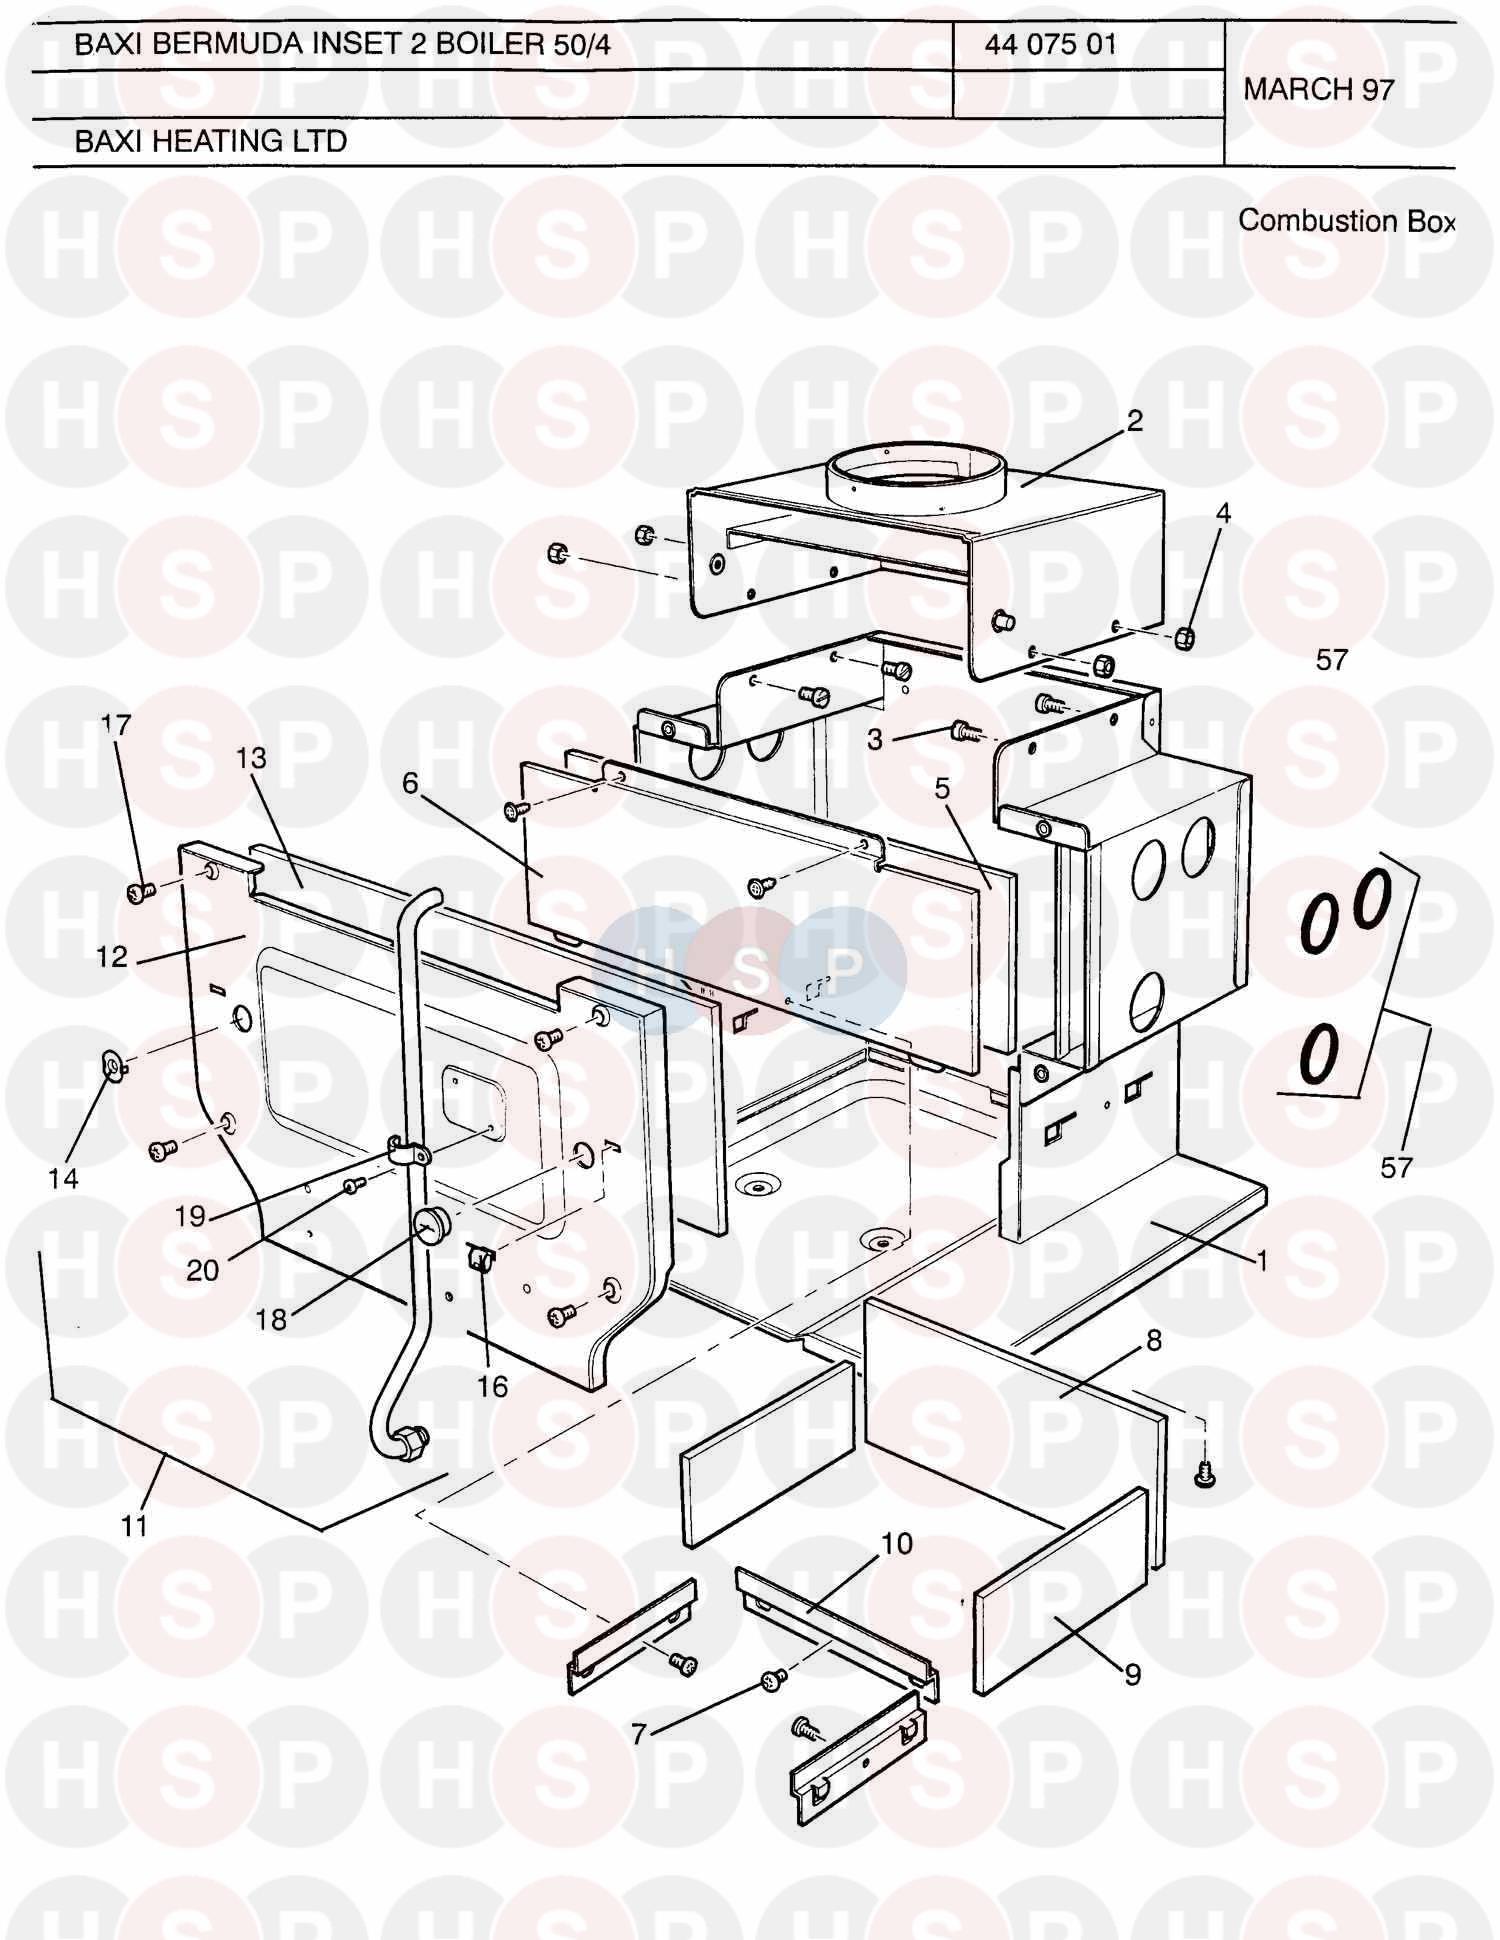 Baxi BERMUDA INSET 50/4 ASD (Combustion Box) Diagram